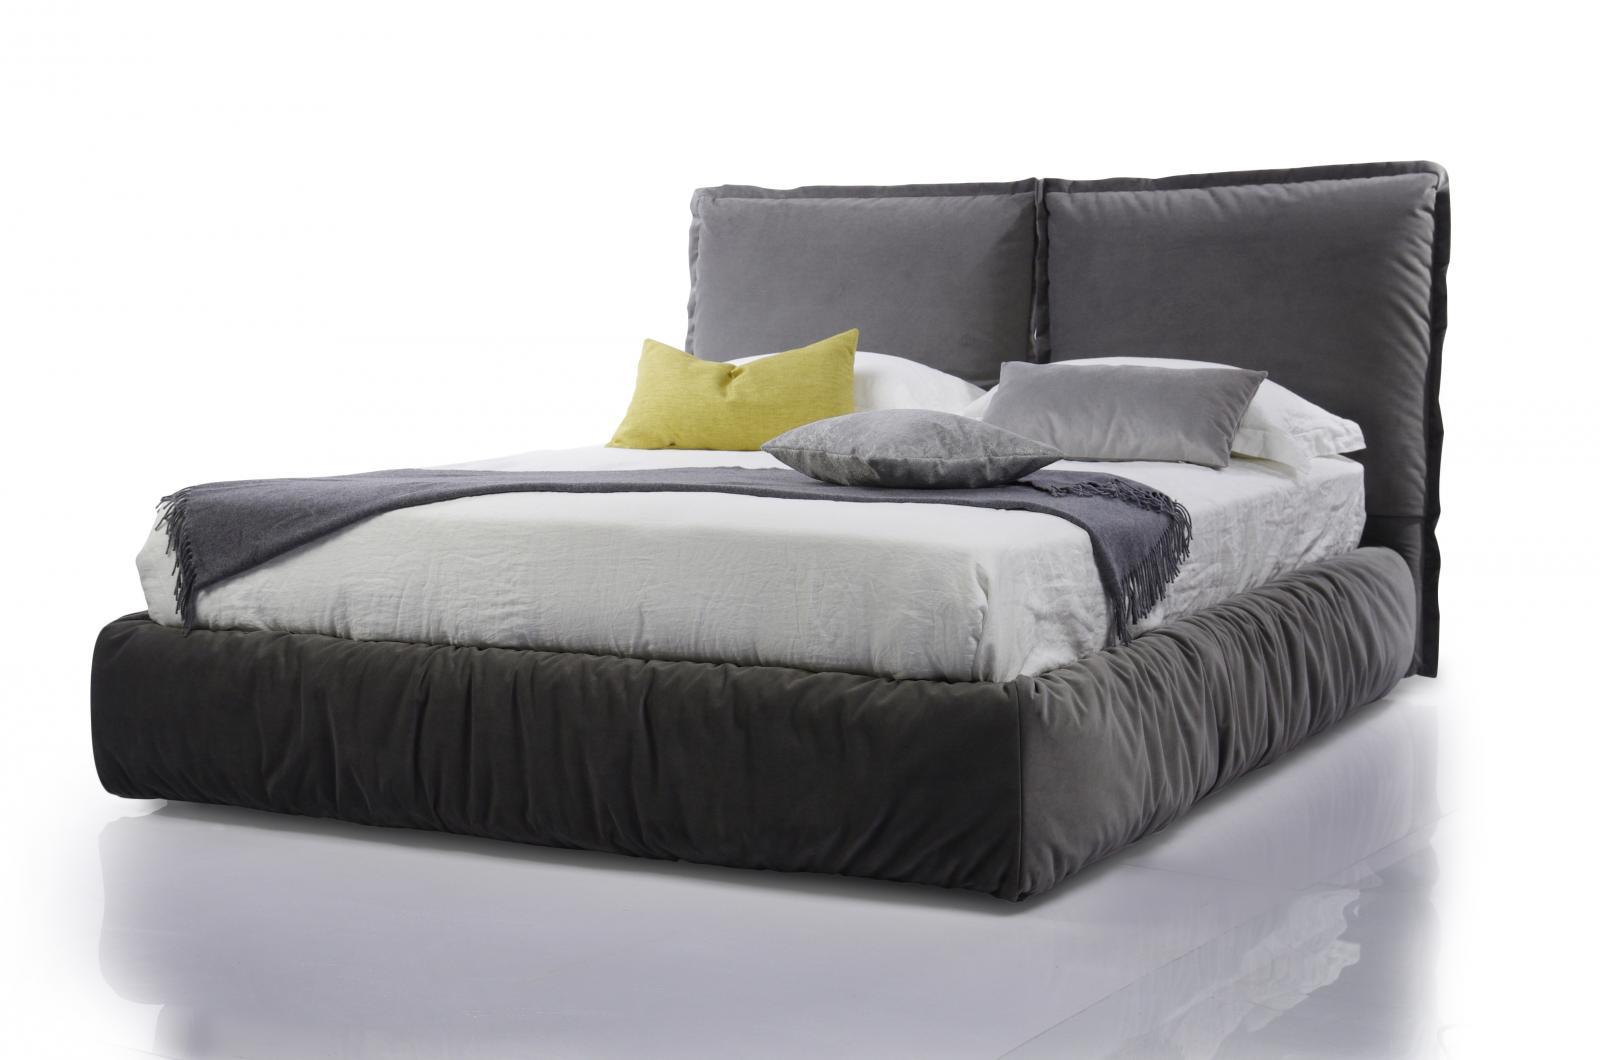 Купить Кровать Alfabed Now с подъемным механизмом 160х200, inmyroom, Италия